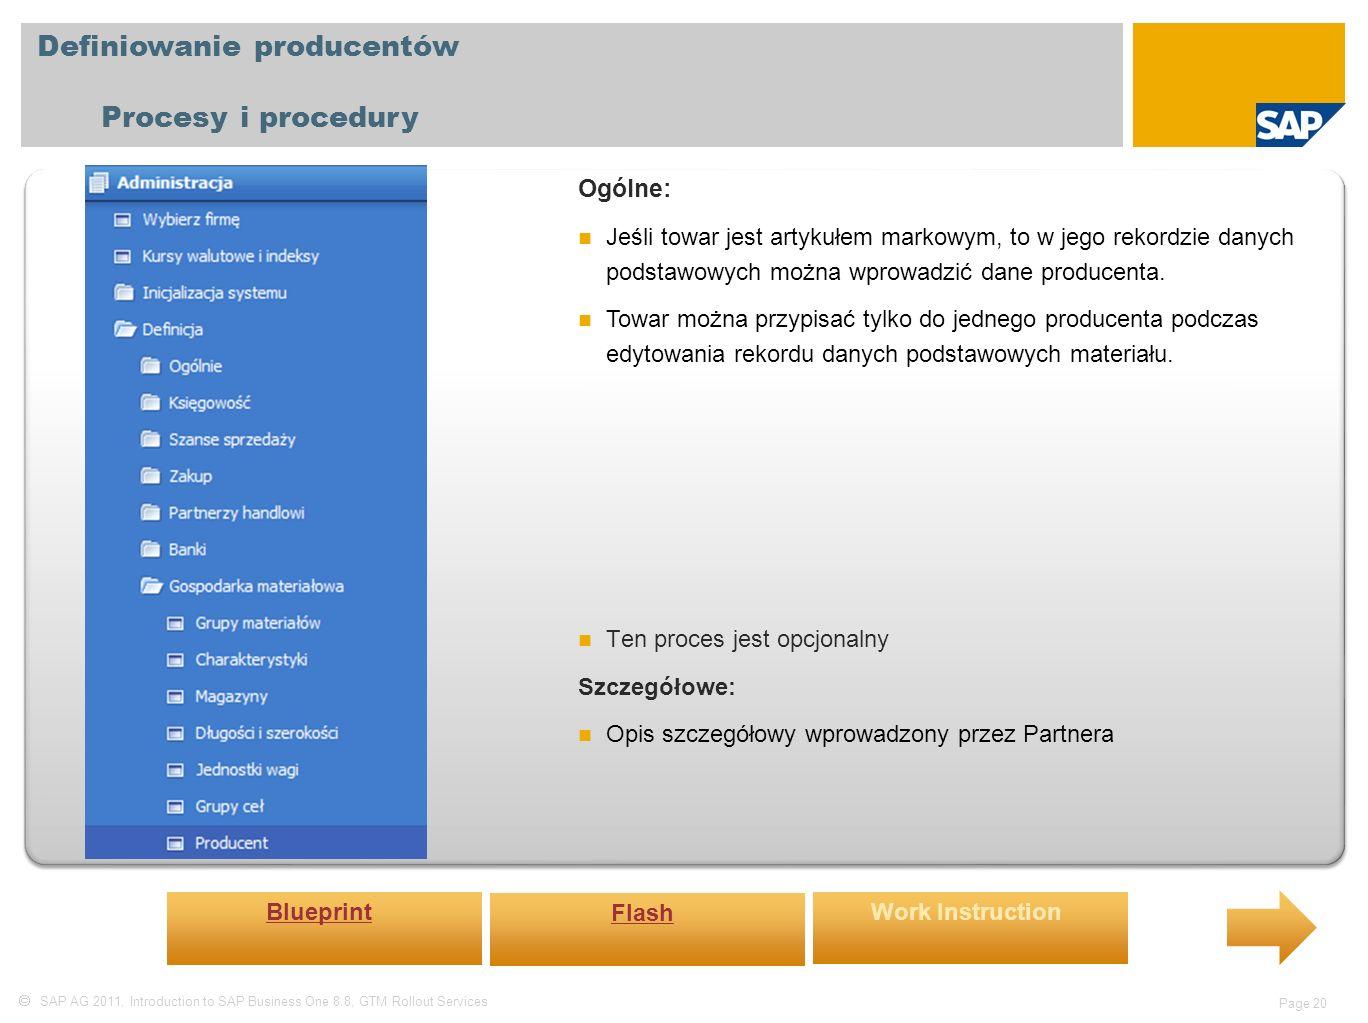  SAP AG 2011, Introduction to SAP Business One 8.8, GTM Rollout Services Page 20 Definiowanie producentów Procesy i procedury Ogólne: Jeśli towar jest artykułem markowym, to w jego rekordzie danych podstawowych można wprowadzić dane producenta.